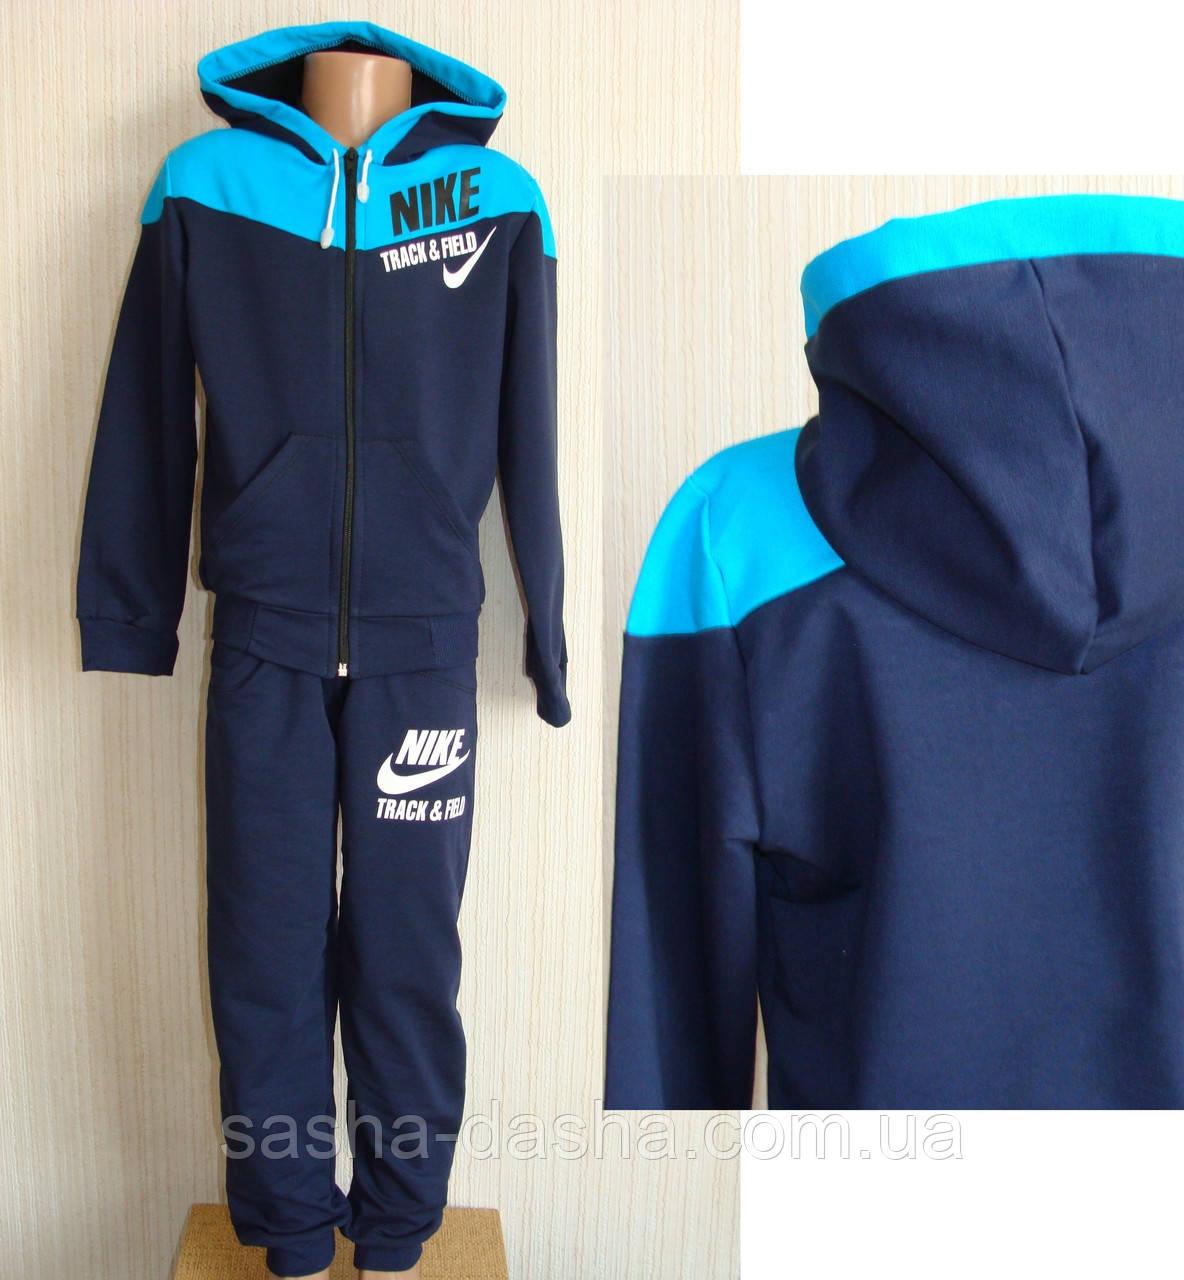 341de845 Спортивные костюмы для детей. В школу спортивный костюм.: продажа ...